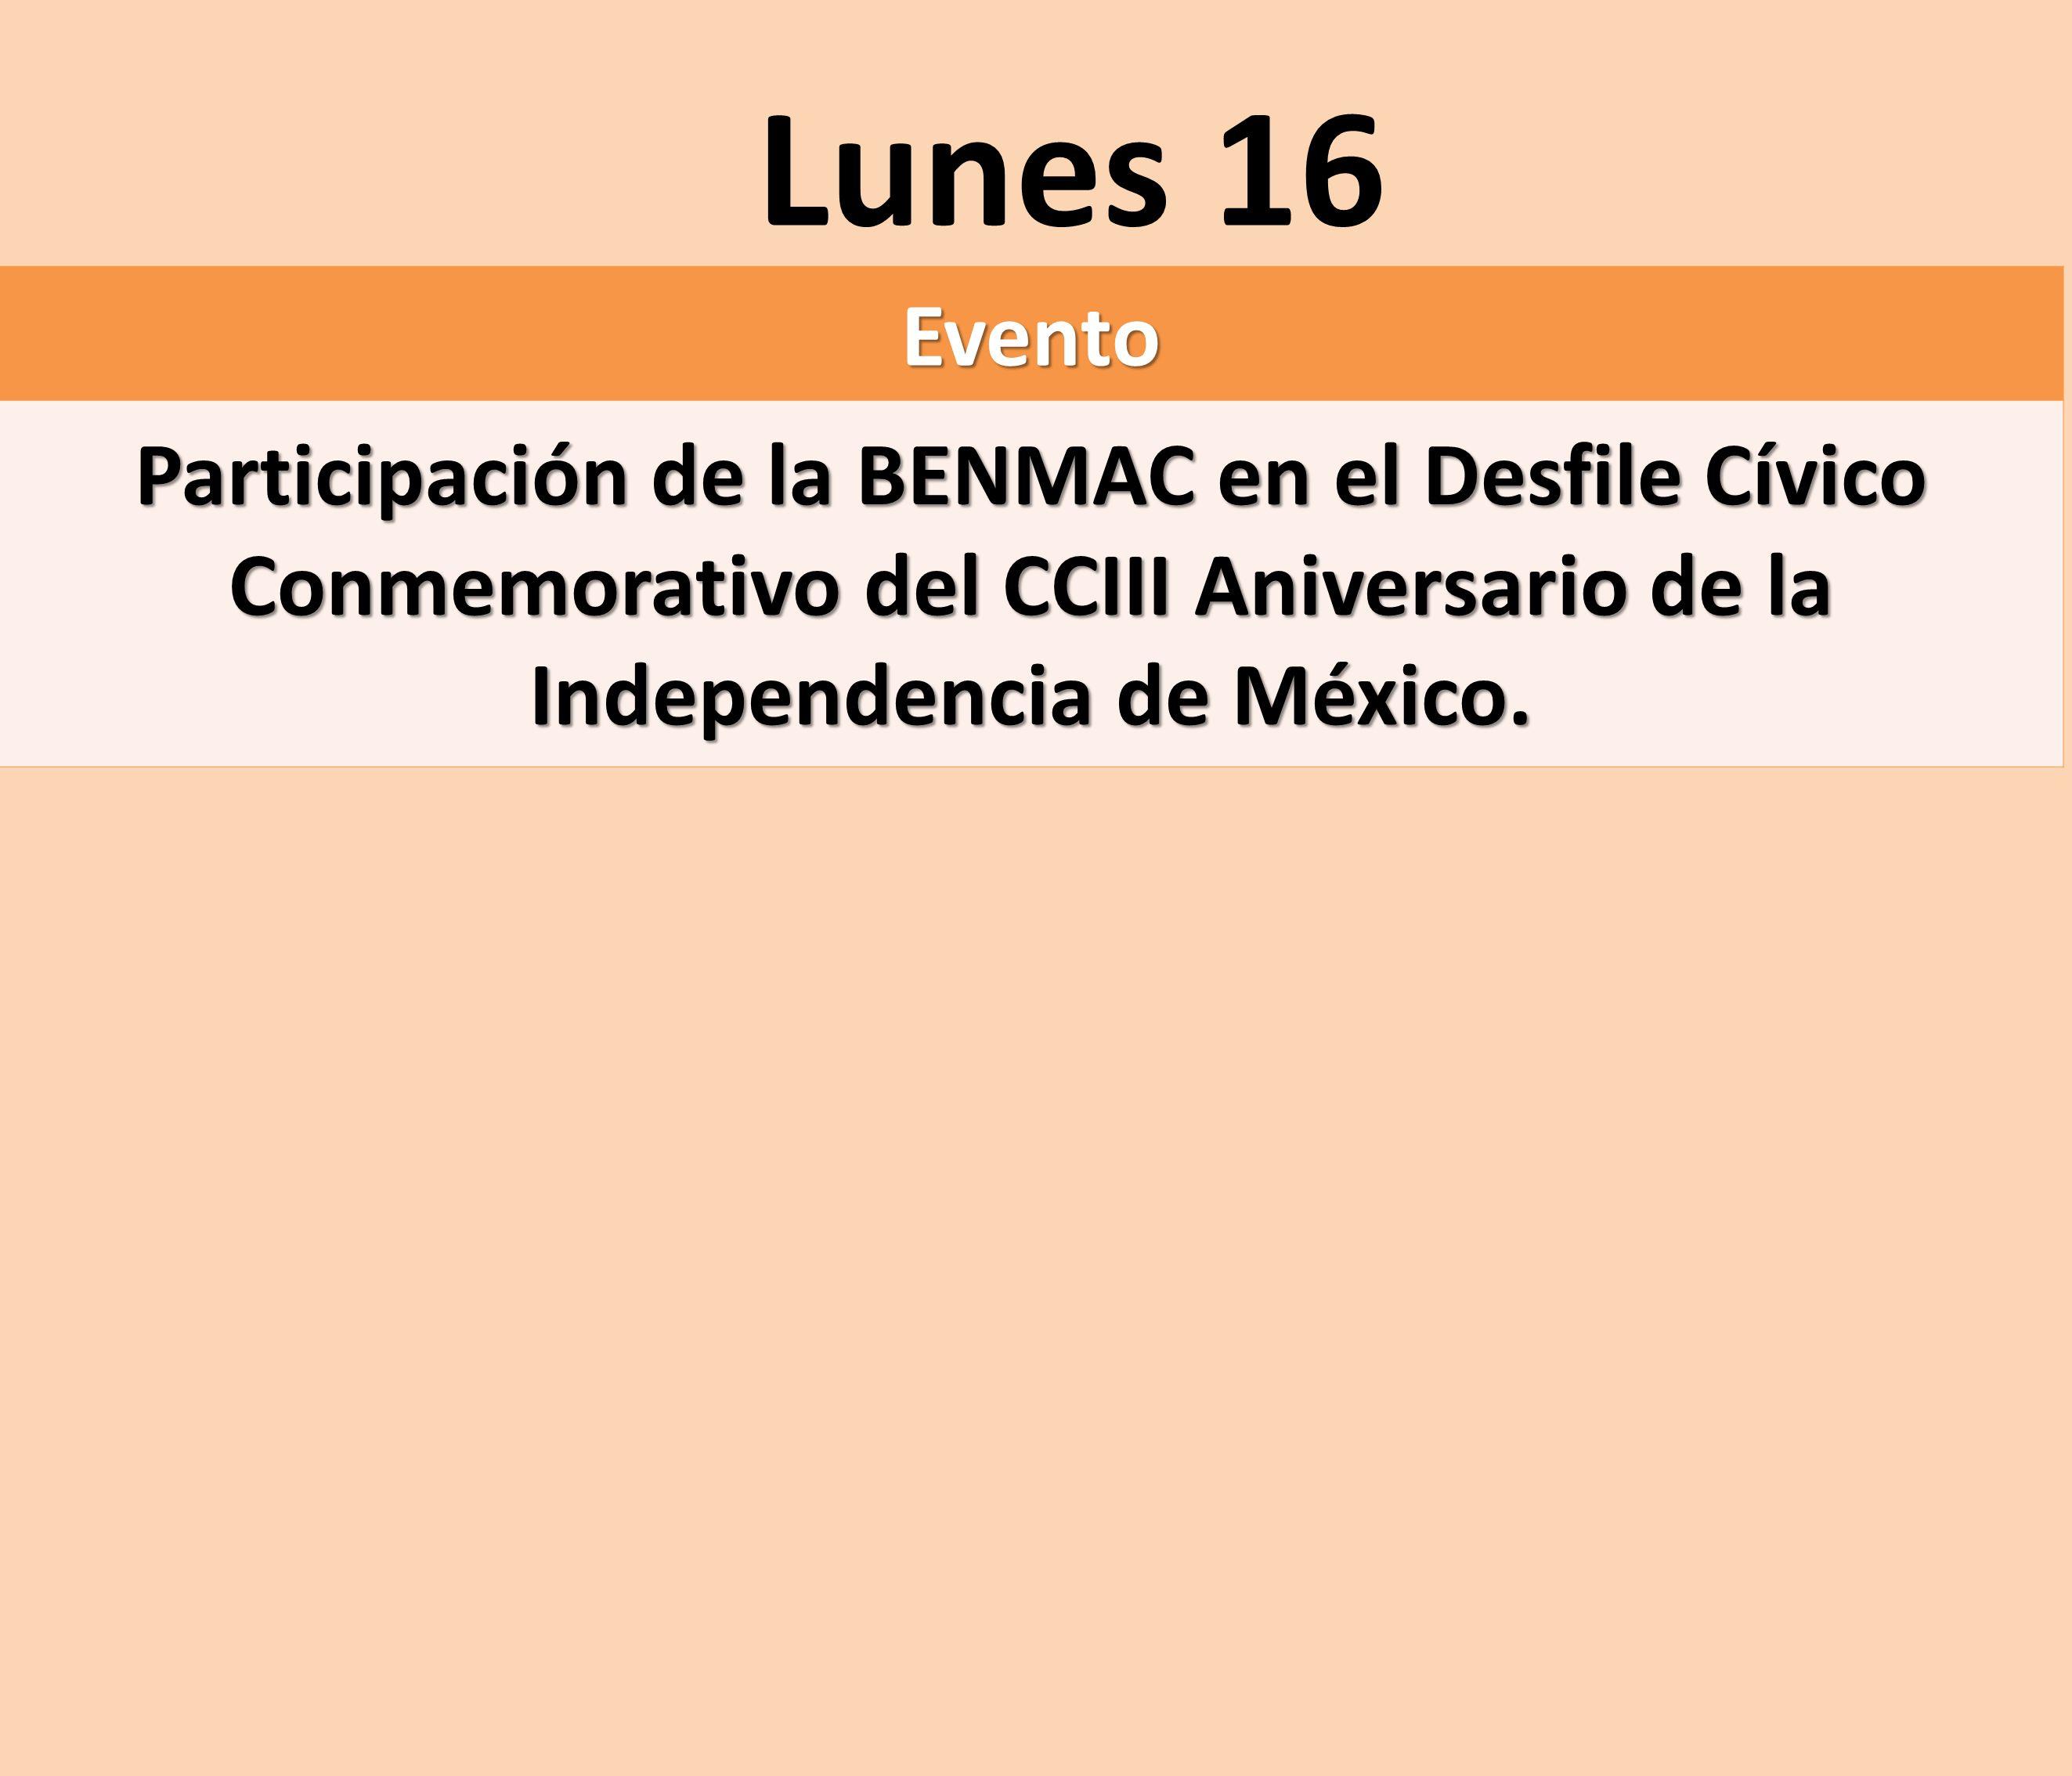 Evento Participación de la BENMAC en el Desfile Cívico Conmemorativo del CCIII Aniversario de la Independencia de México. Lunes 16